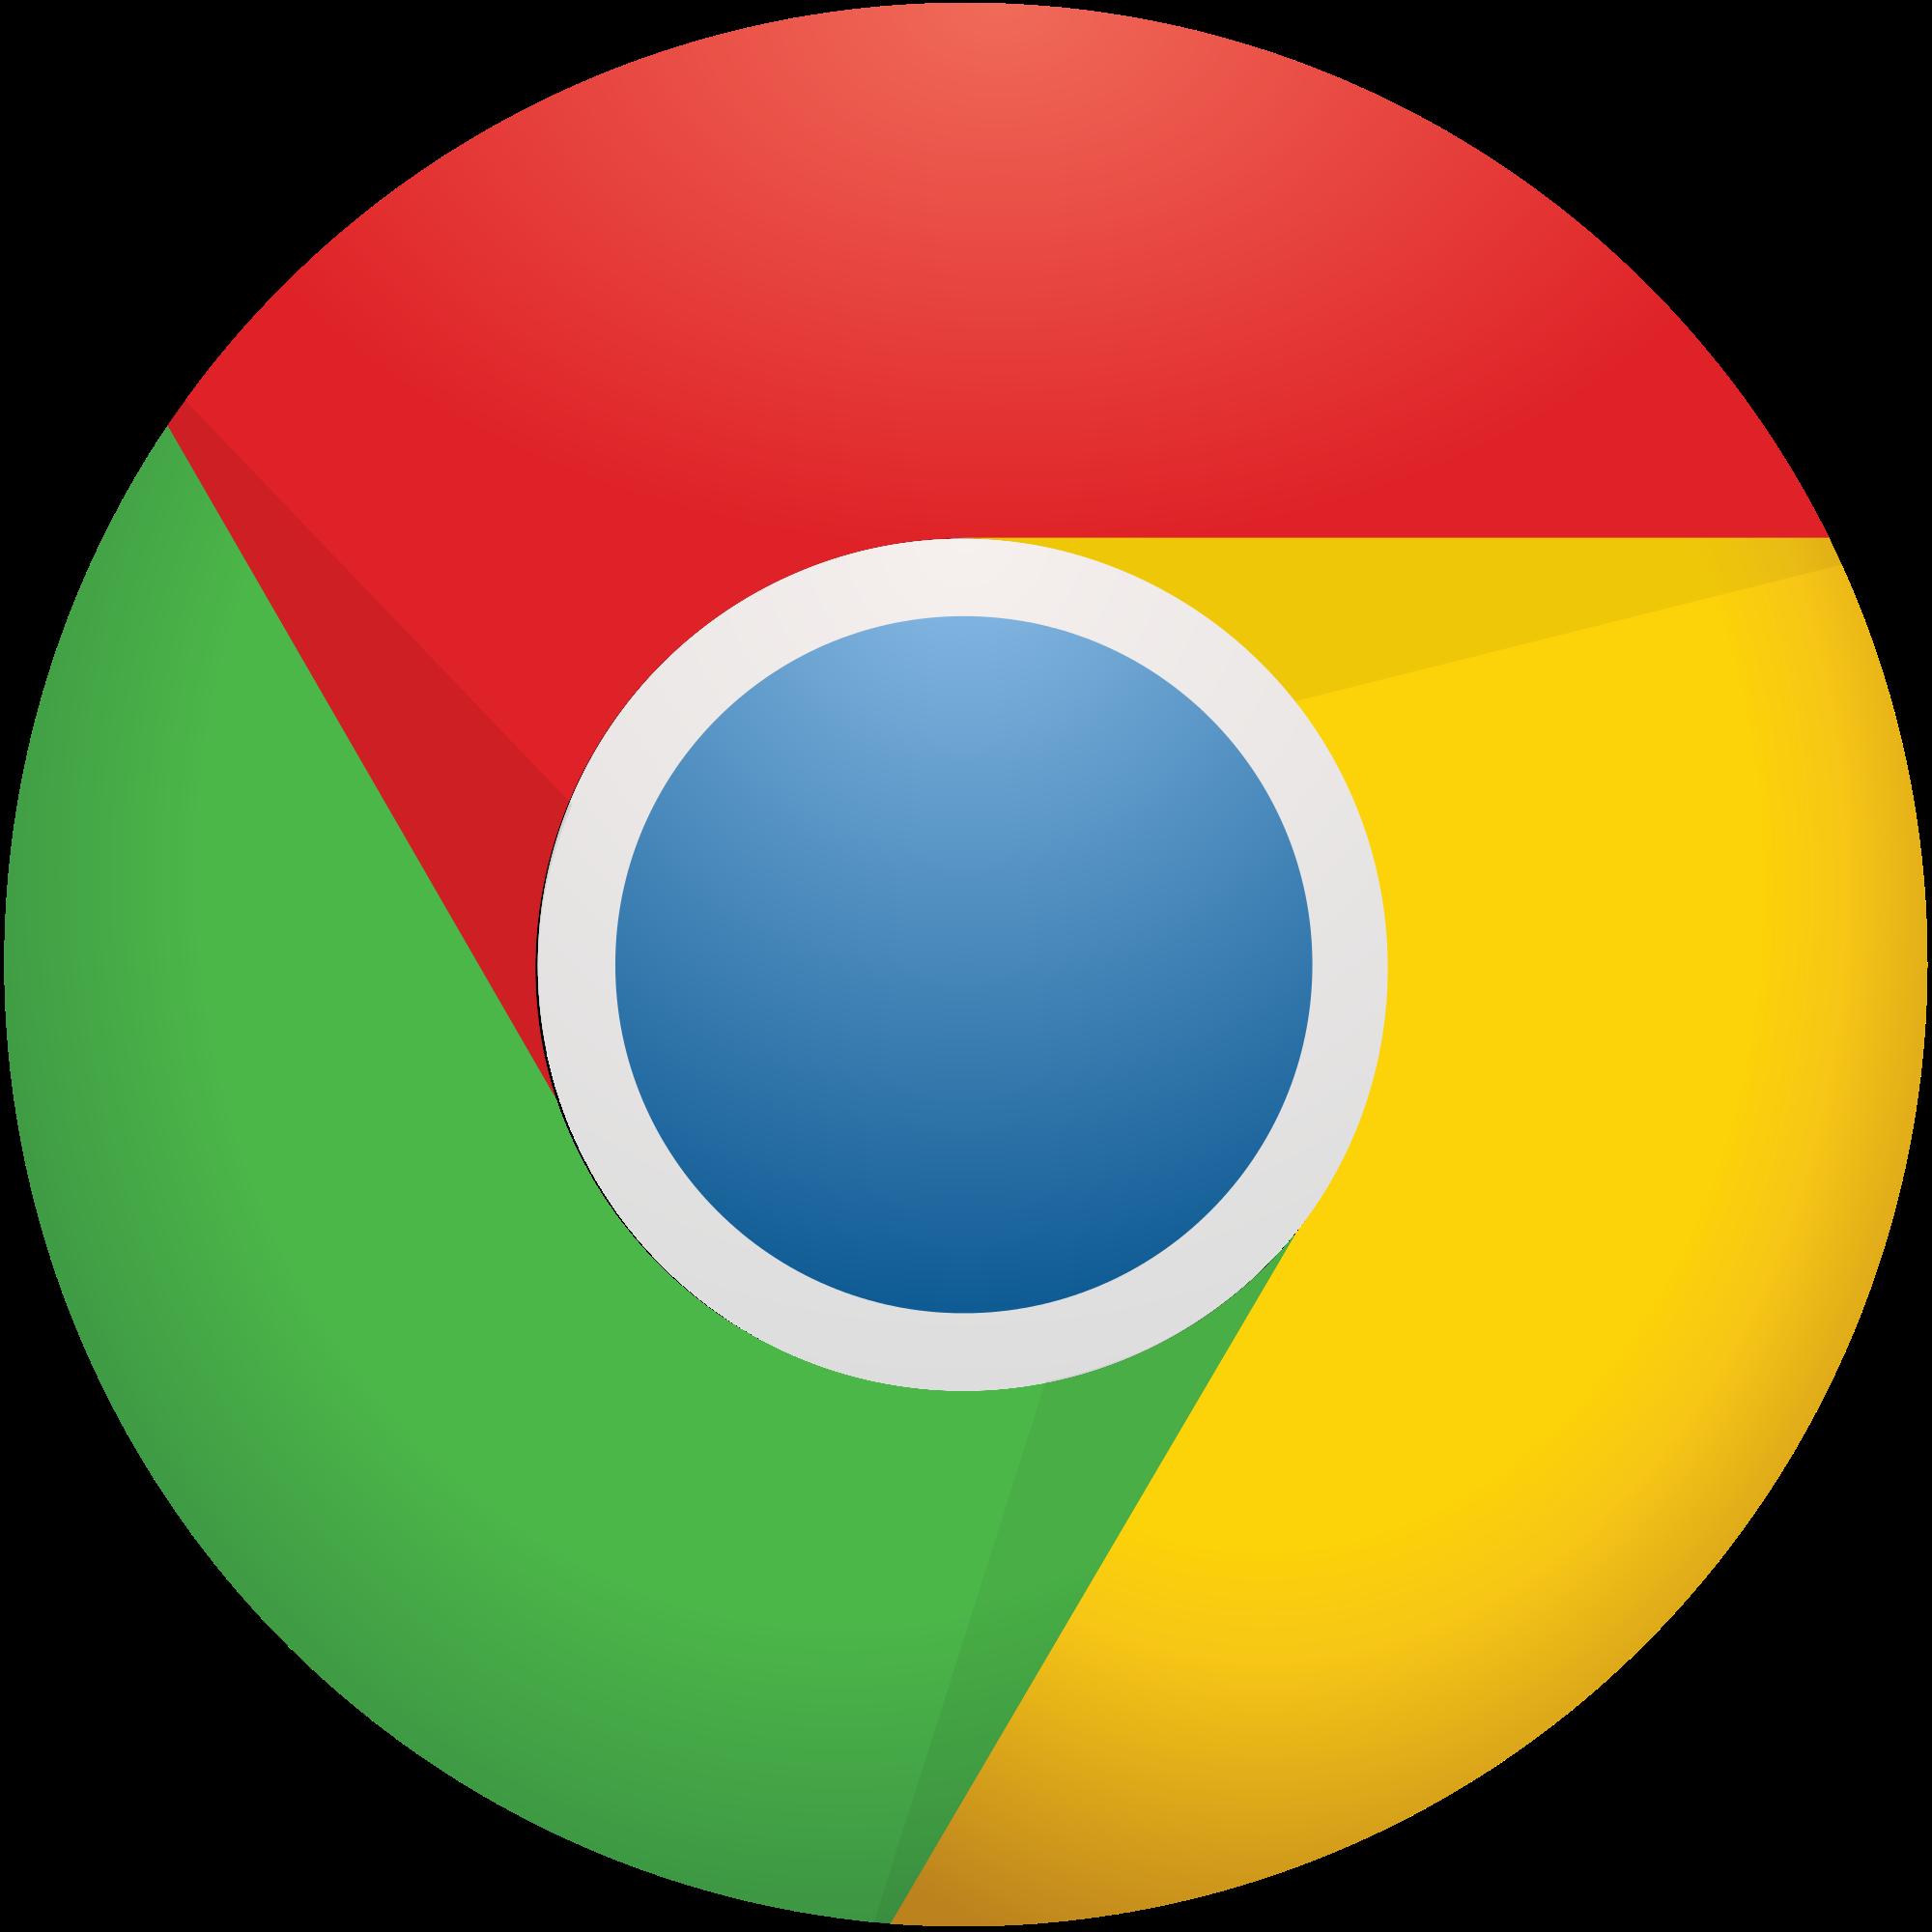 Liệu truy cập web Chrome bằng trình ẩn danh có an toàn